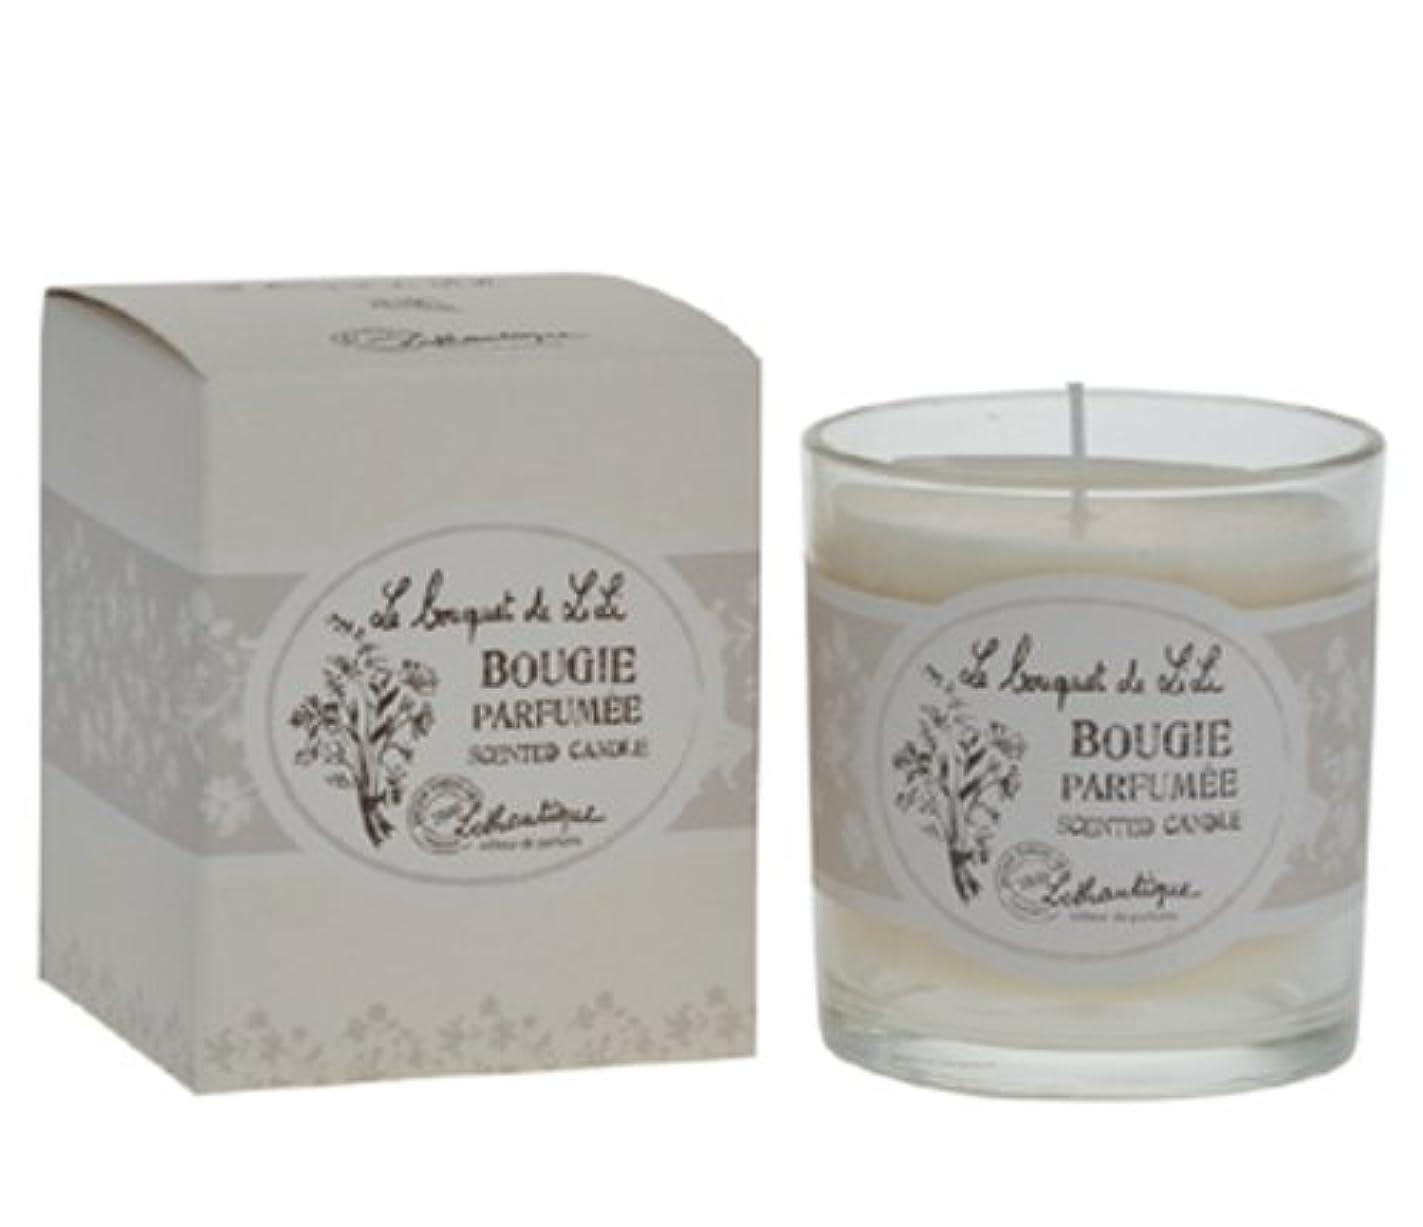 本気生損失Lothantique(ロタンティック) Le bouquet de LiLi(ブーケドゥリリシリーズ) キャンドル 140g 3420070029065